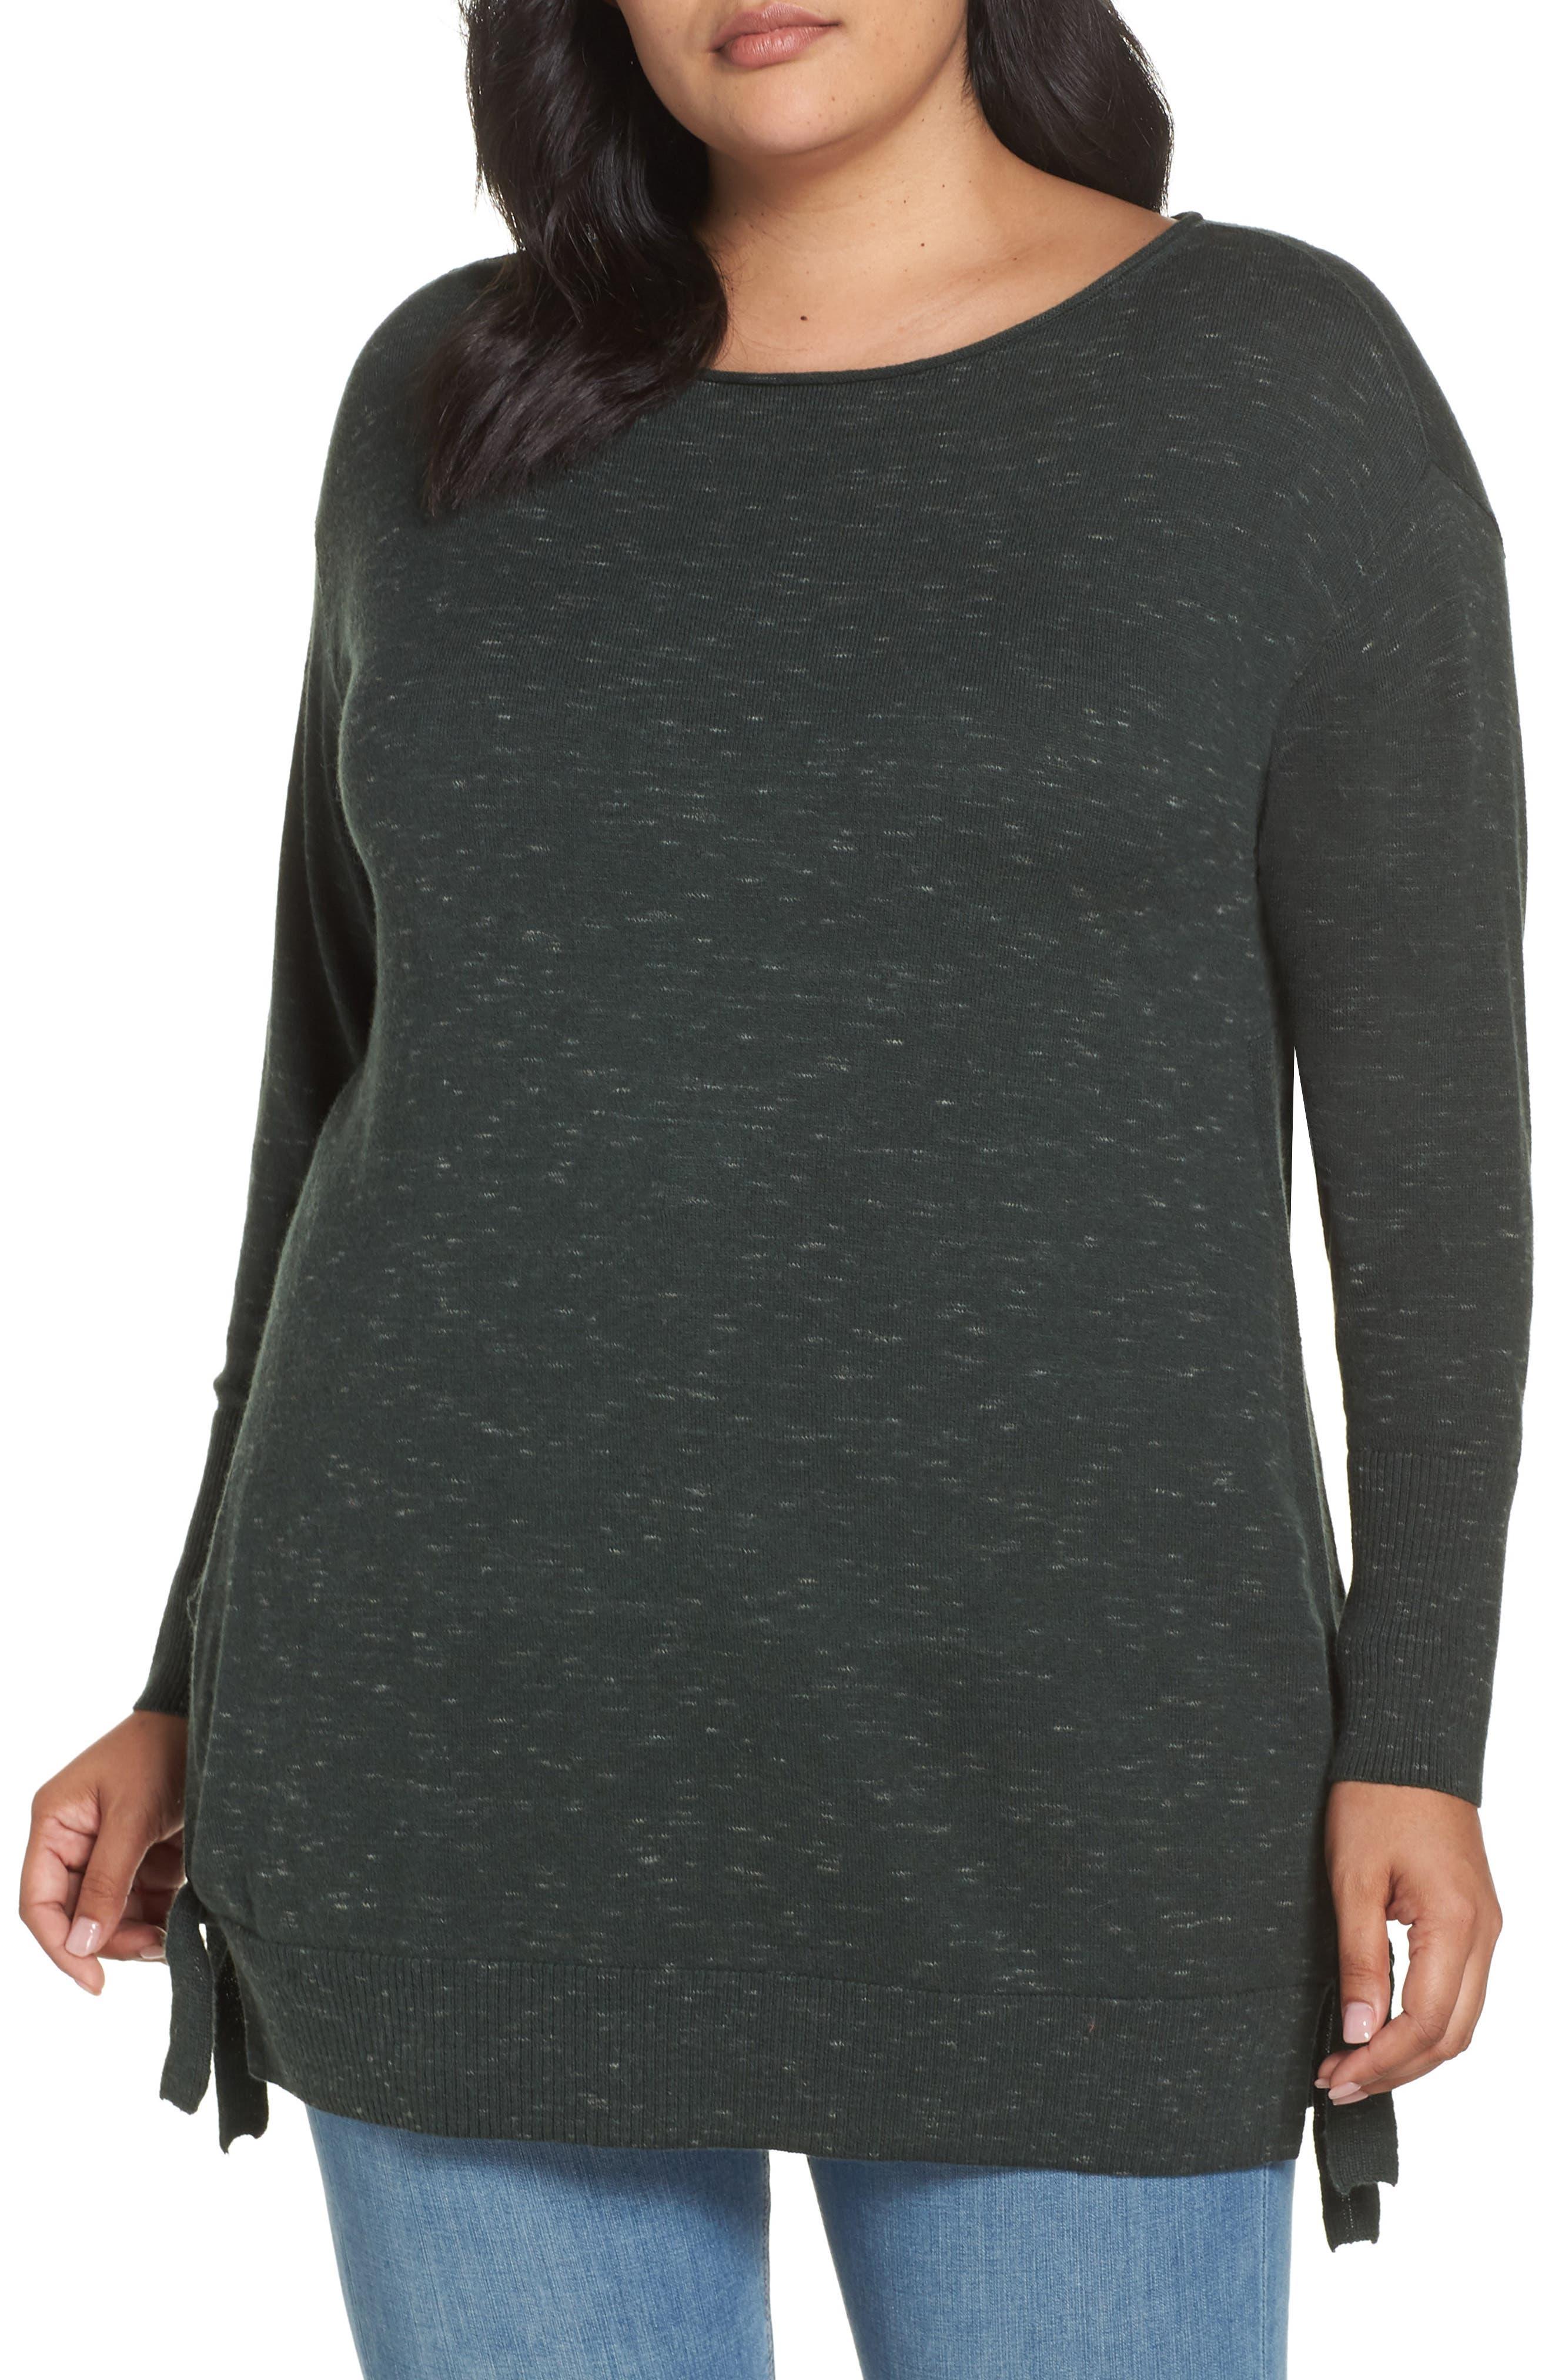 Plus Size Caslon Side Tie Detail Cotton & Wool Sweater, Green